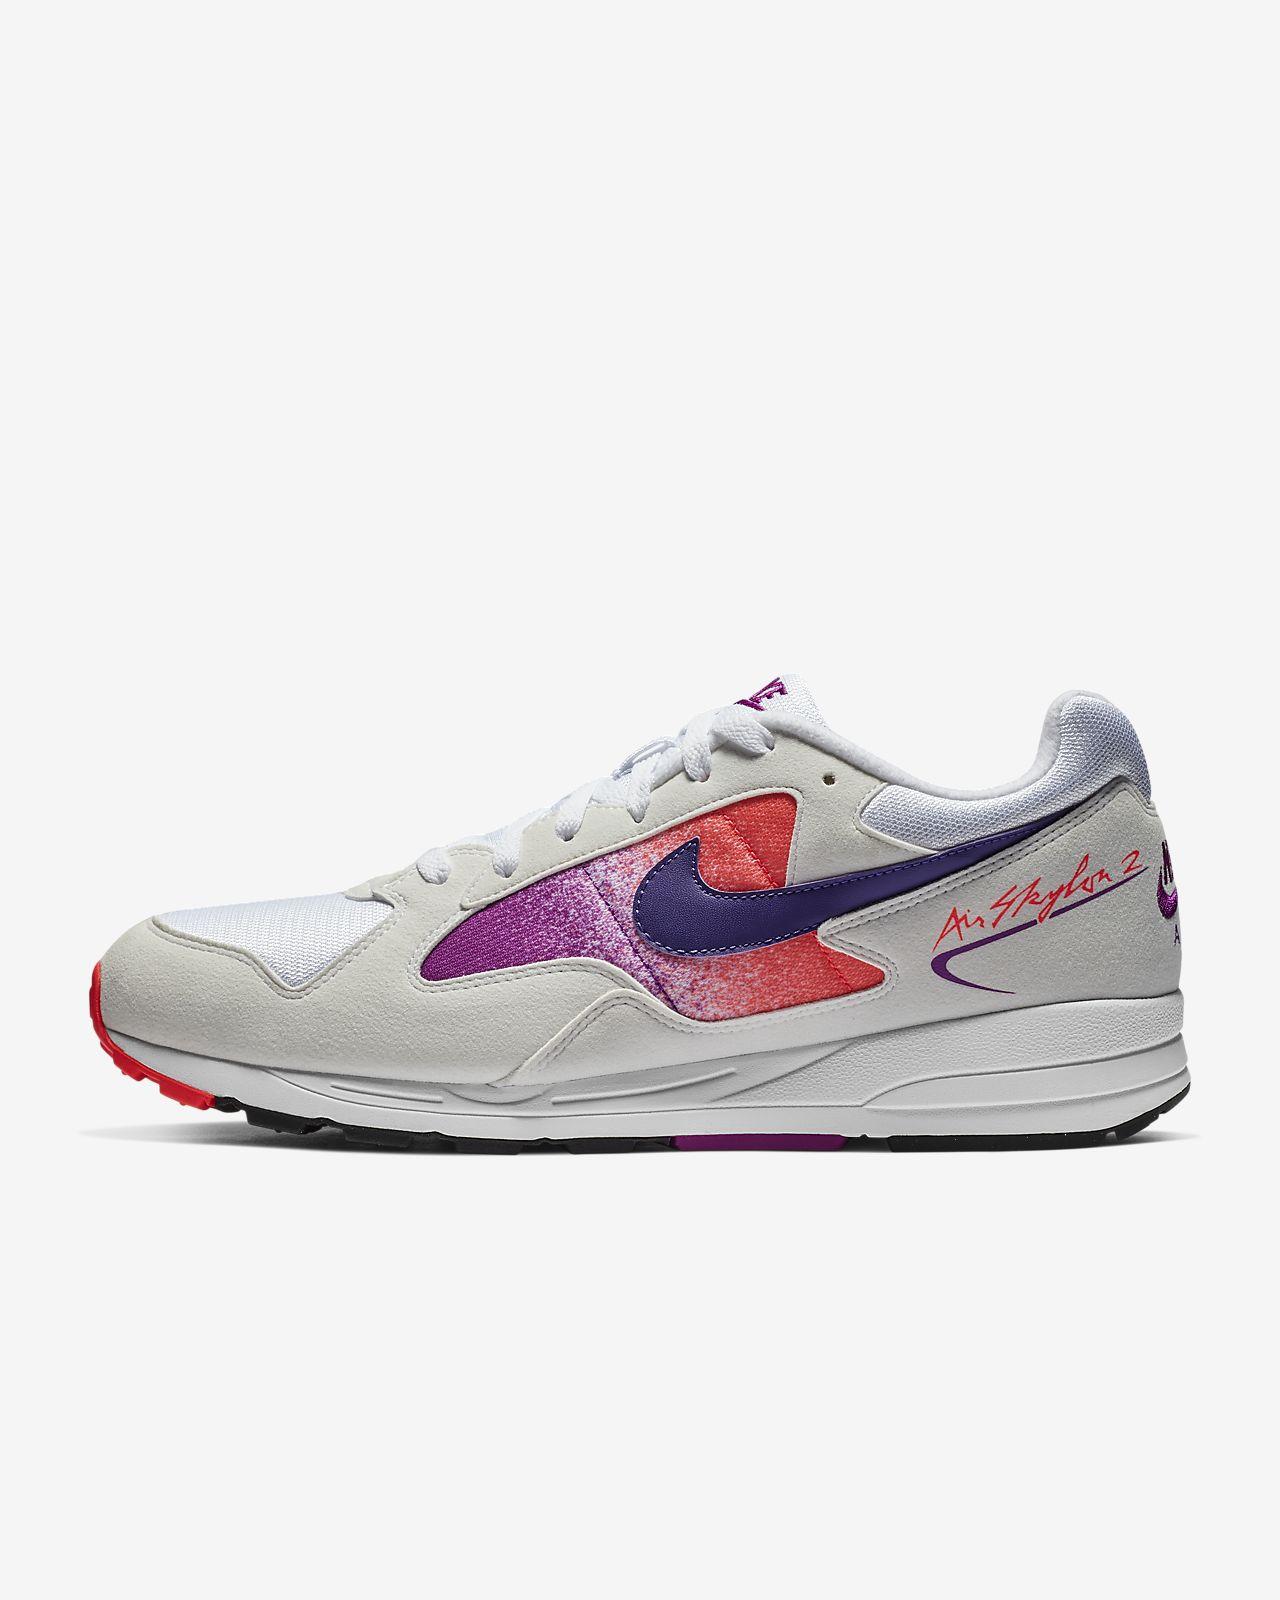 cheap for discount 1670b ef60e ... Nike Air Skylon II Zapatillas - Hombre